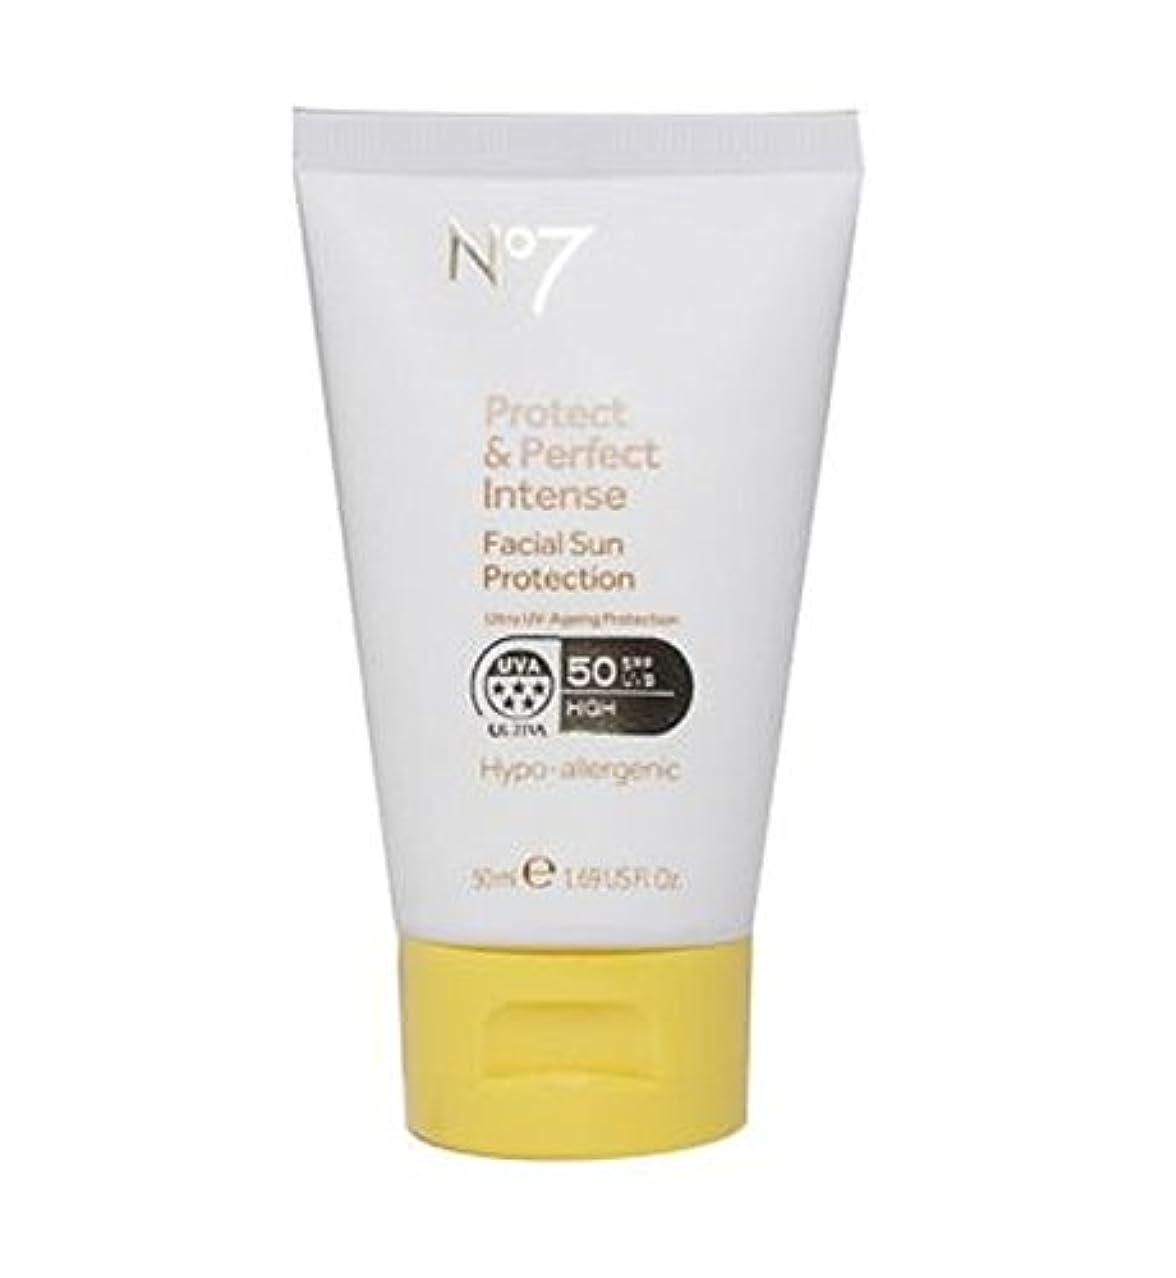 ウェイター適格ペースNo7保護&完璧な強烈な顔の日焼け防止Spf 50 50ミリリットル (No7) (x2) - No7 Protect & Perfect Intense Facial Sun Protection SPF 50 50ml...